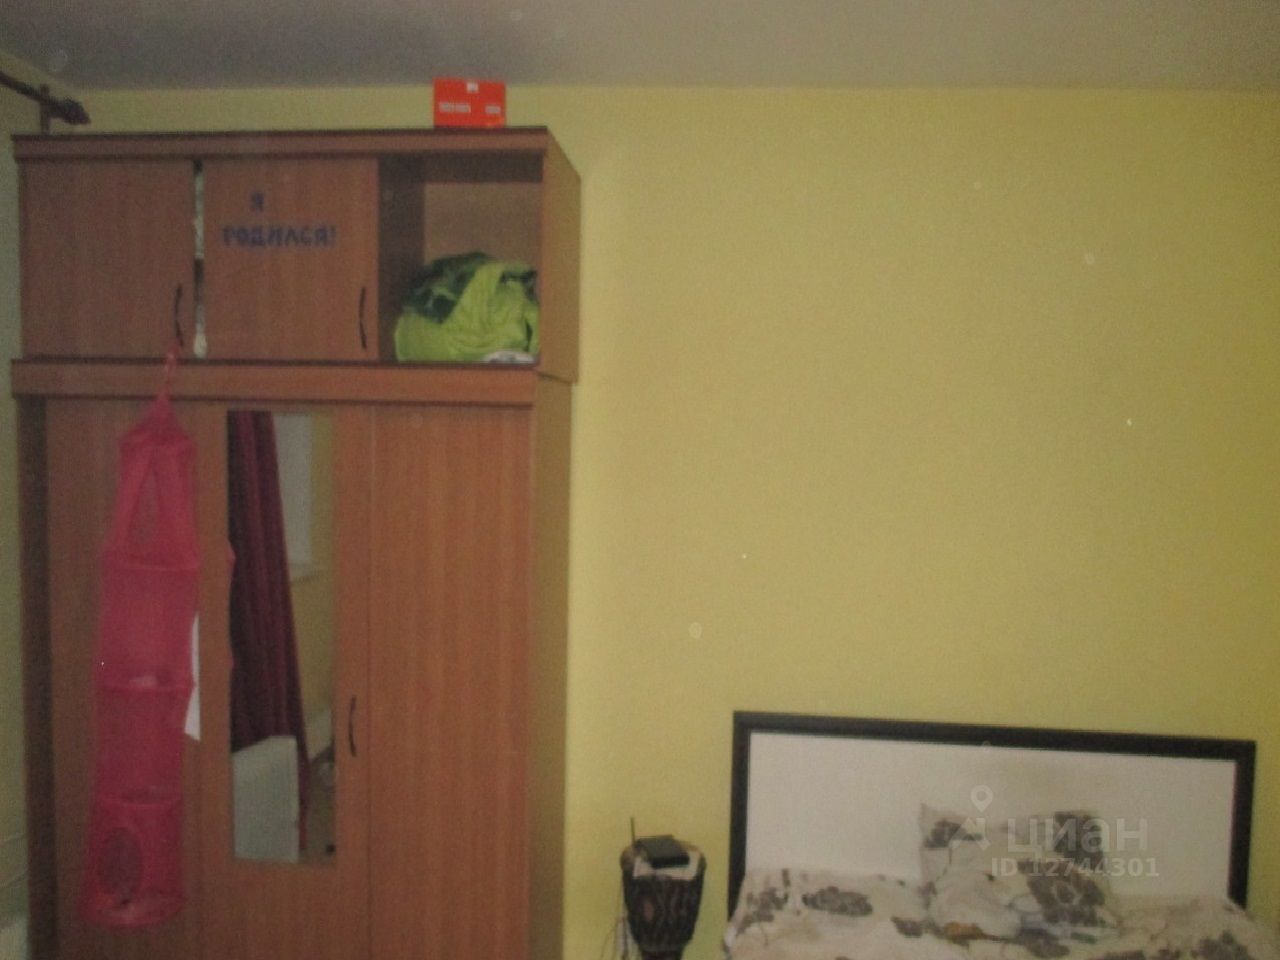 куплю двухкомнатную квартиру город Москва, Лебедянская улица, д. 12К1